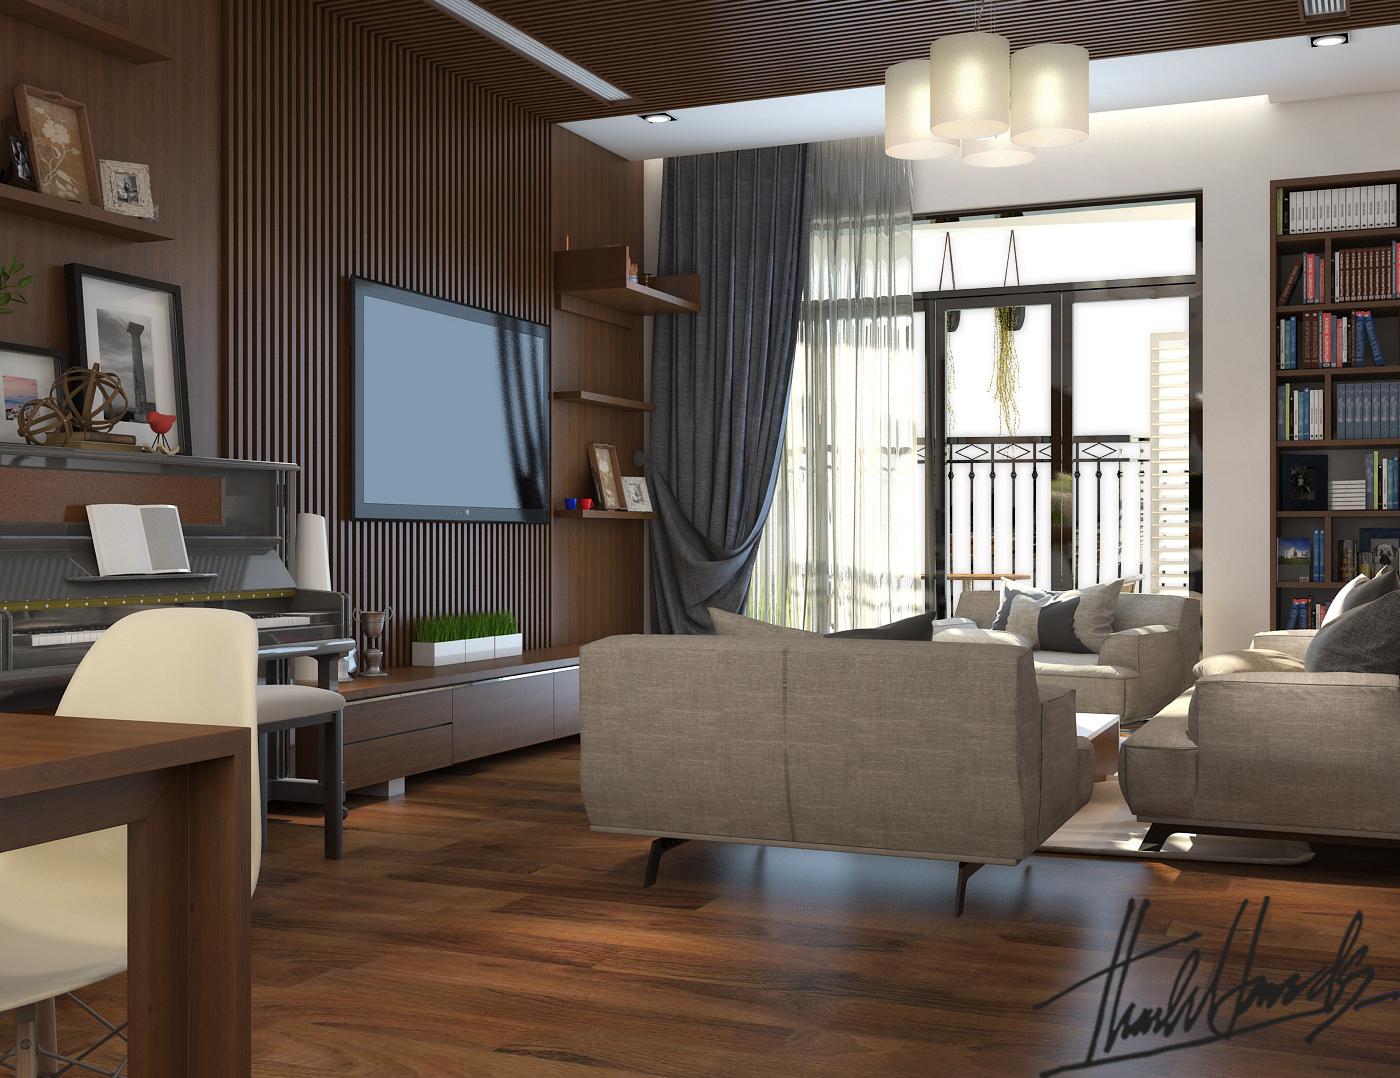 thiết kế nội thất chung cư tại Hà Nội chung cư roya city 0 1568274323